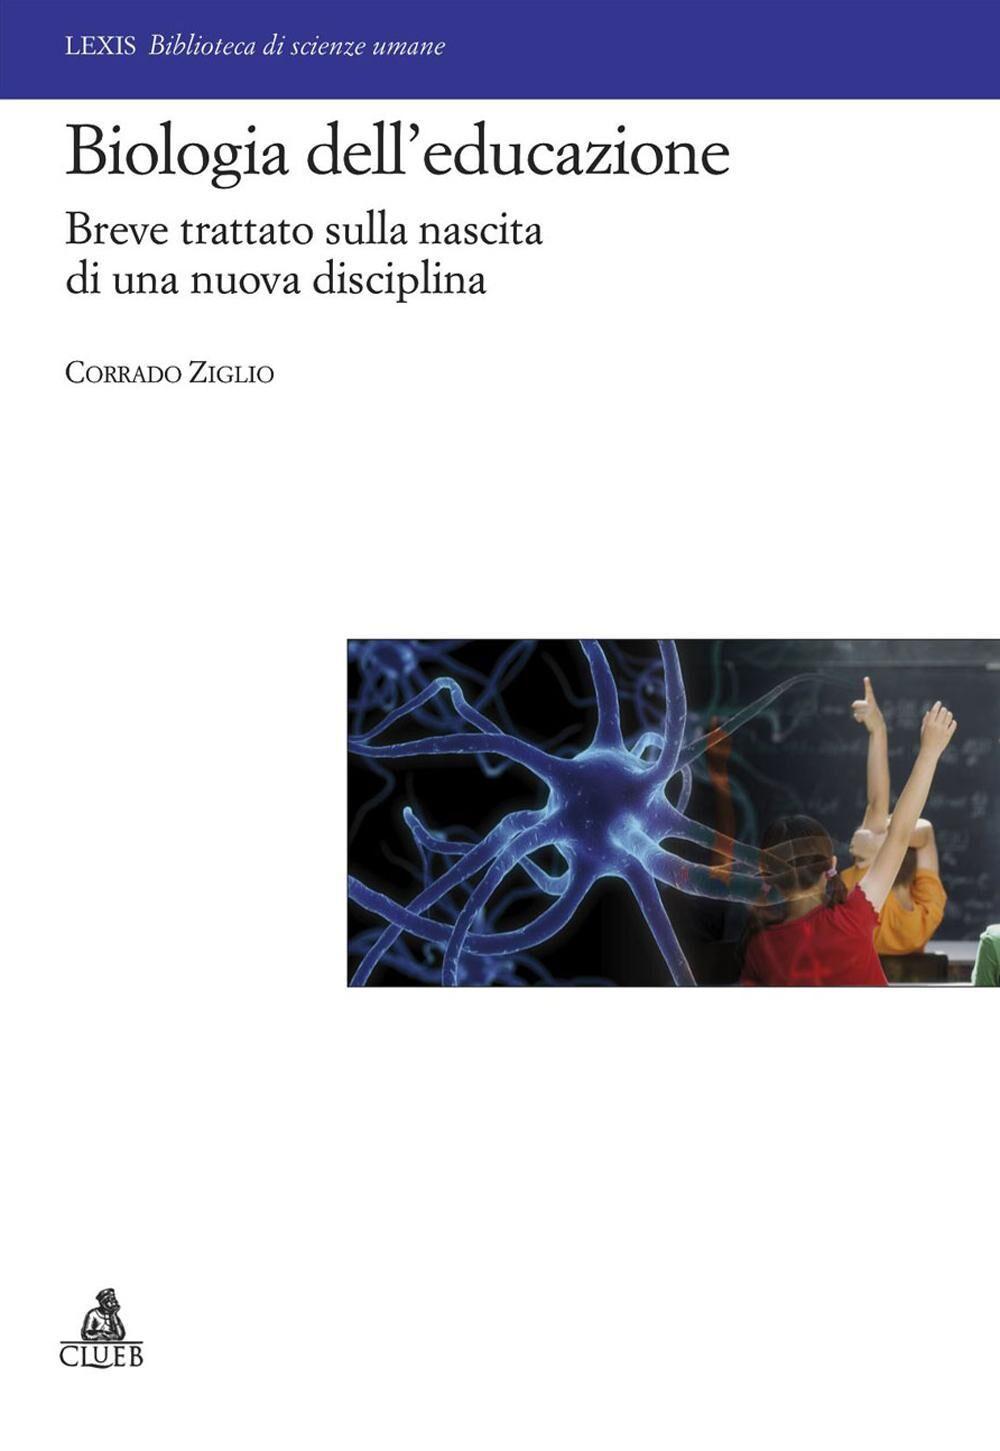 Biologia dell'educazione. Breve trattato sulla nascita di una nuova disciplina